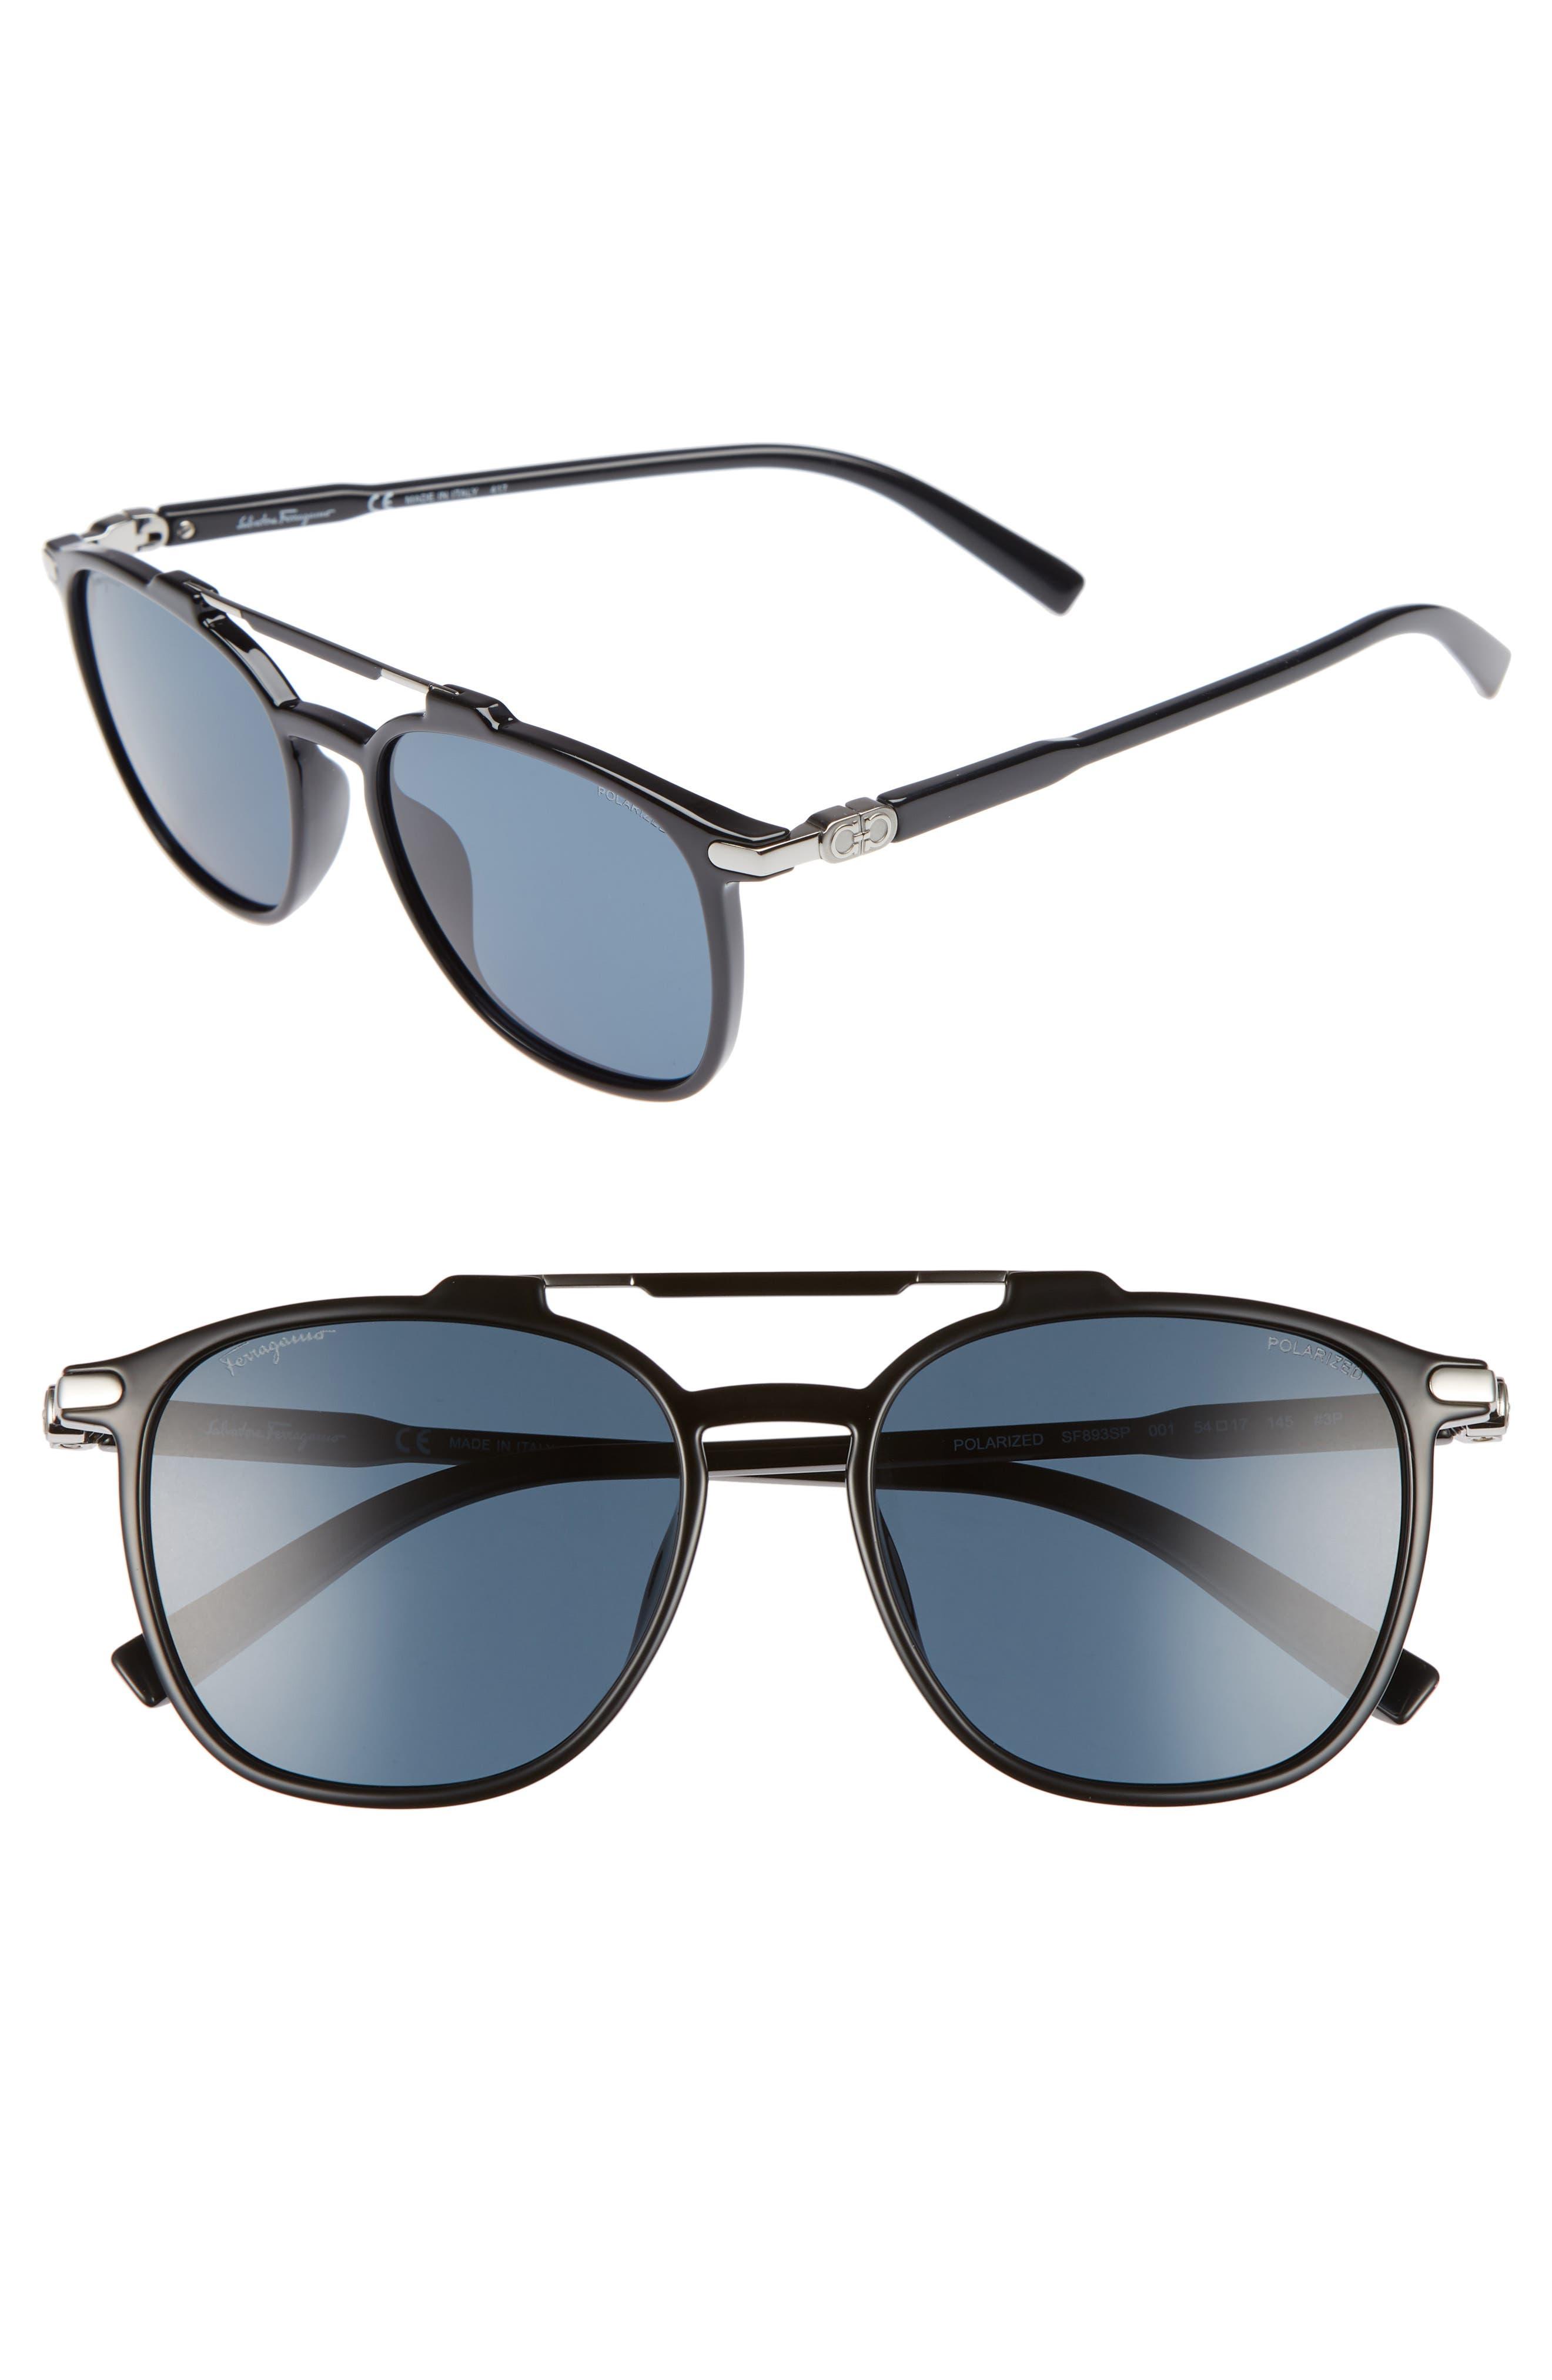 Salvatore Ferragamo Double Gancio 54mm Polarized Sunglasses